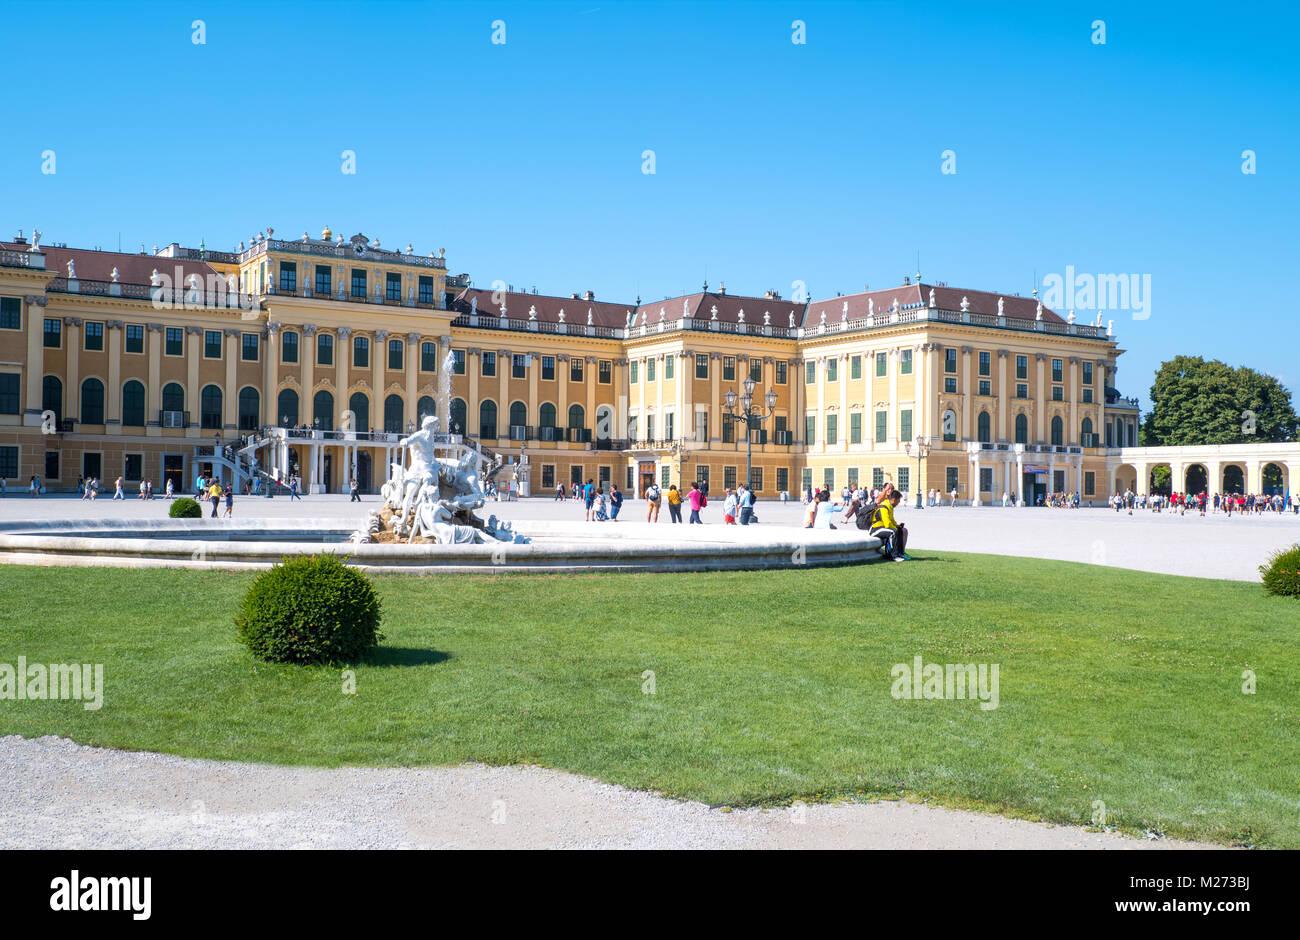 Austria, Vienna, la facciata principale del Palazzo di Schonbrunn con una fontana in primo piano Immagini Stock